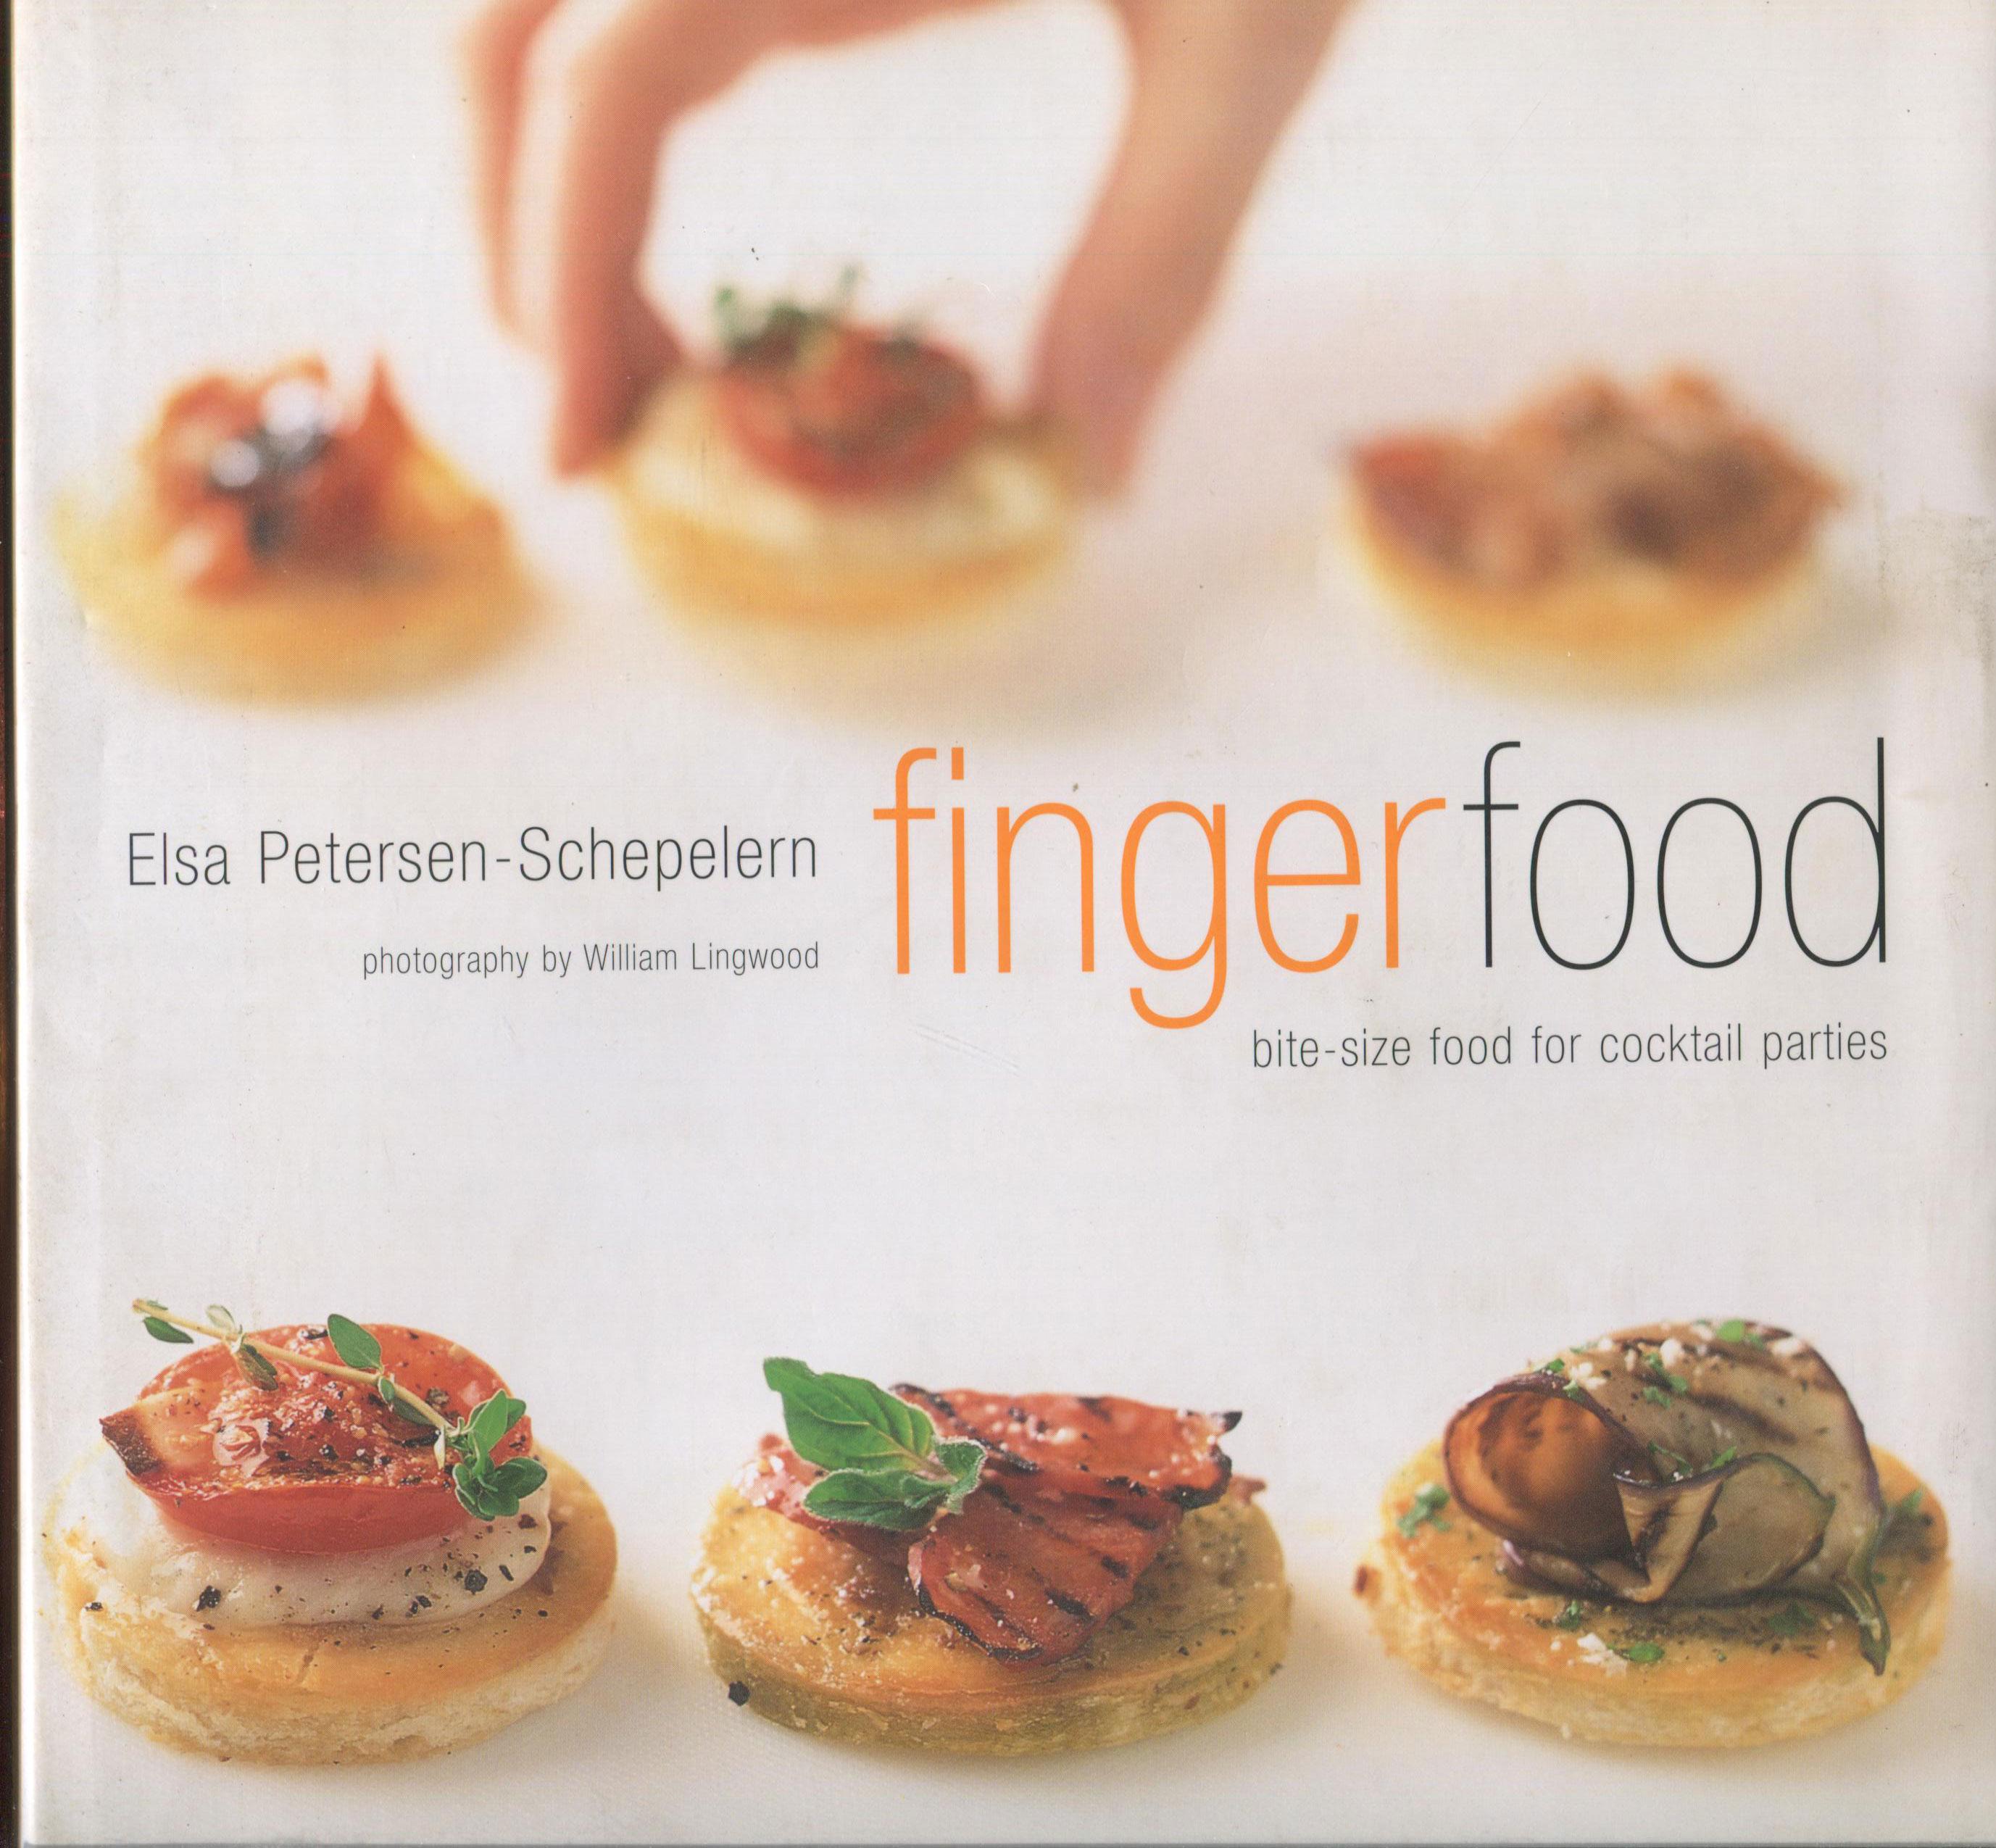 Cookbook Review: Fingerfood by Elsa Petersen-Schepelern